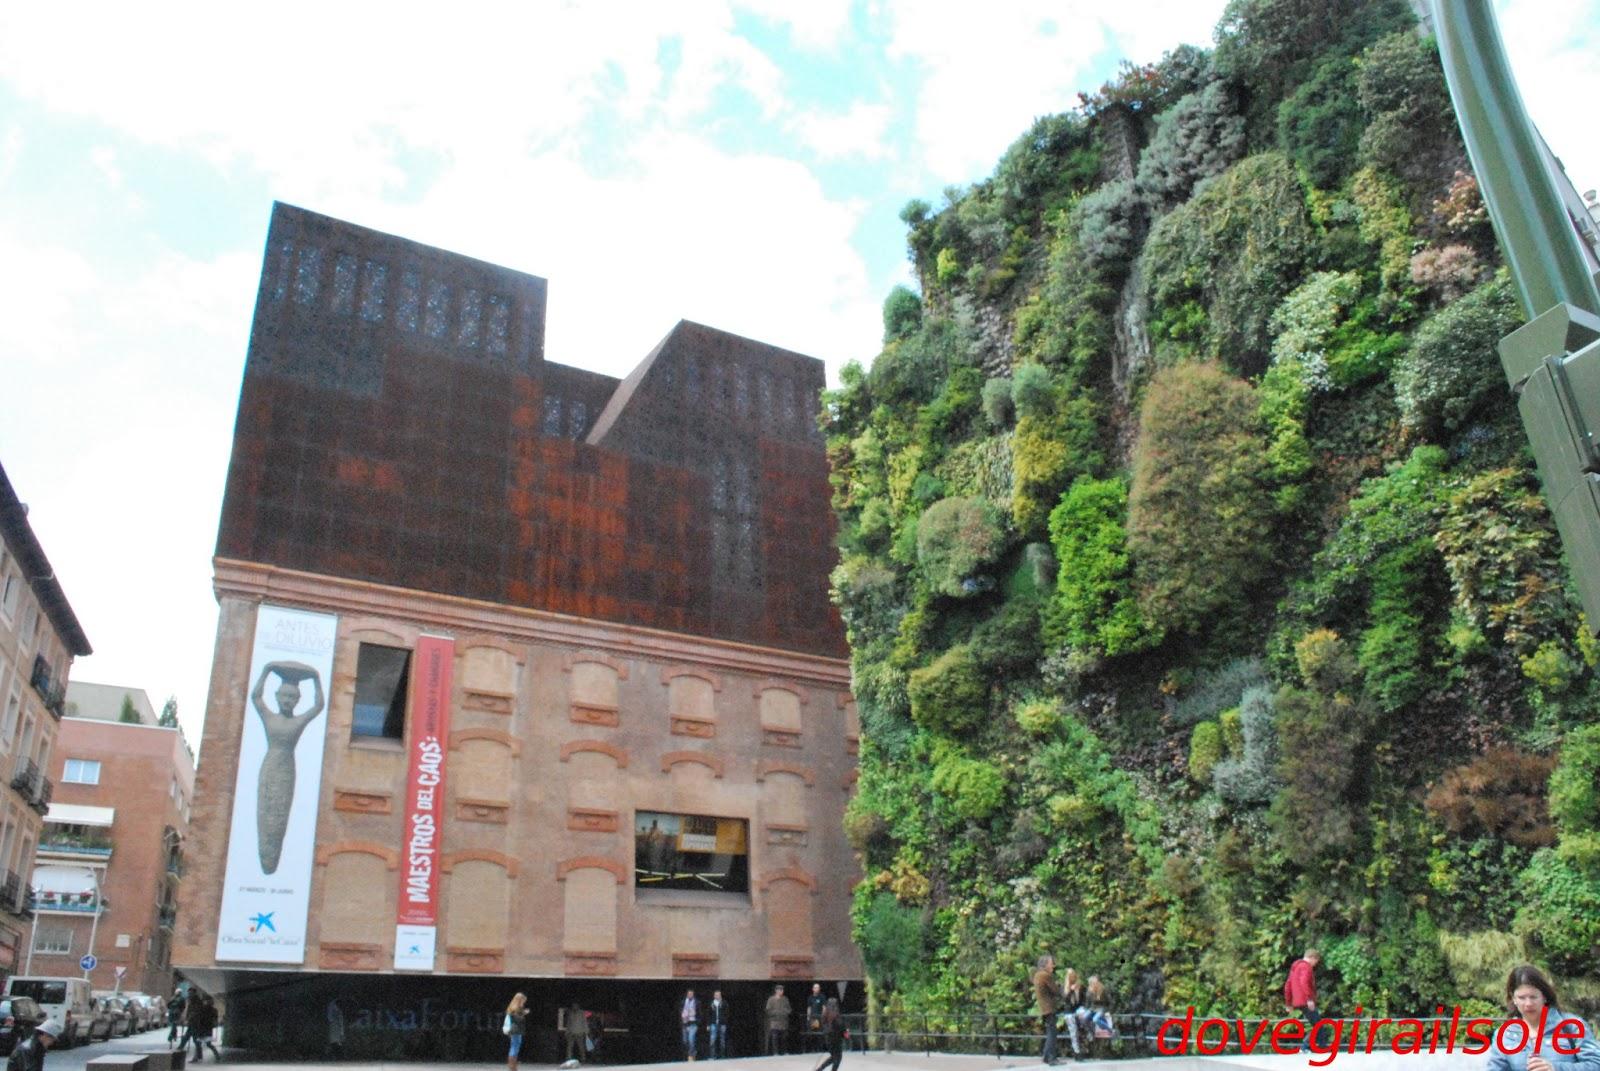 Dove gira il sole il giardino verticale di madrid e altre - Giardino verticale madrid ...